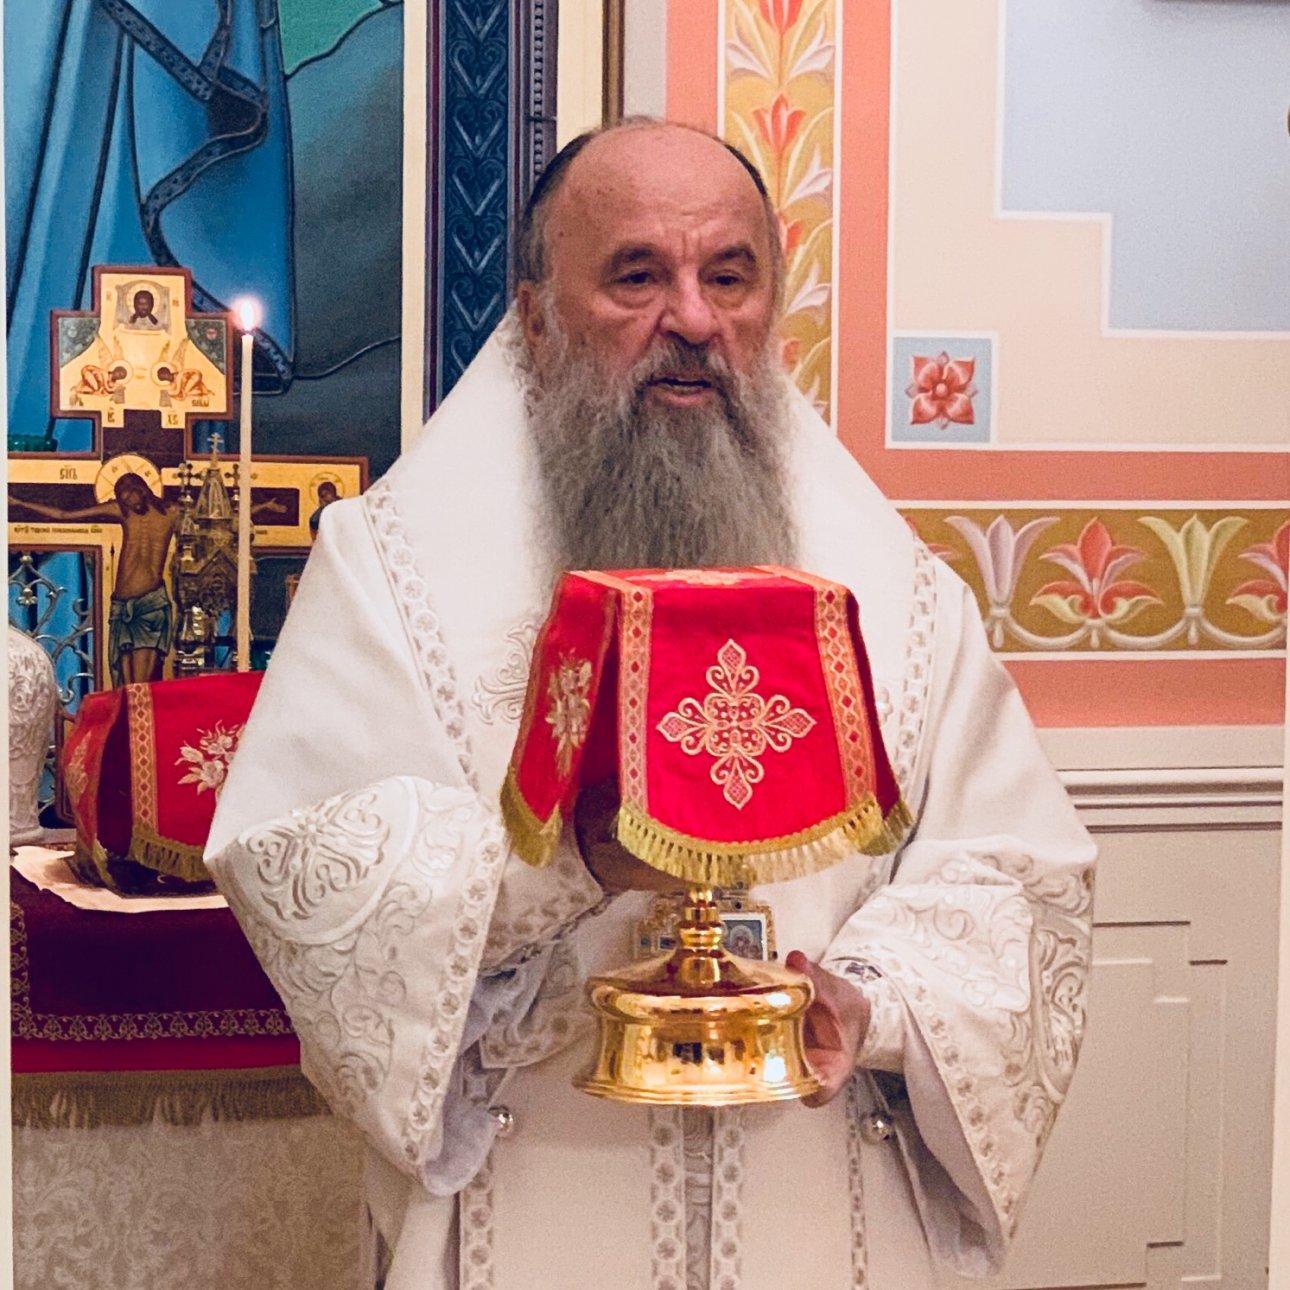 В день своего 65-летия митрополит Варсонофий совершил Божественную литургию в резиденции на Каменном острове